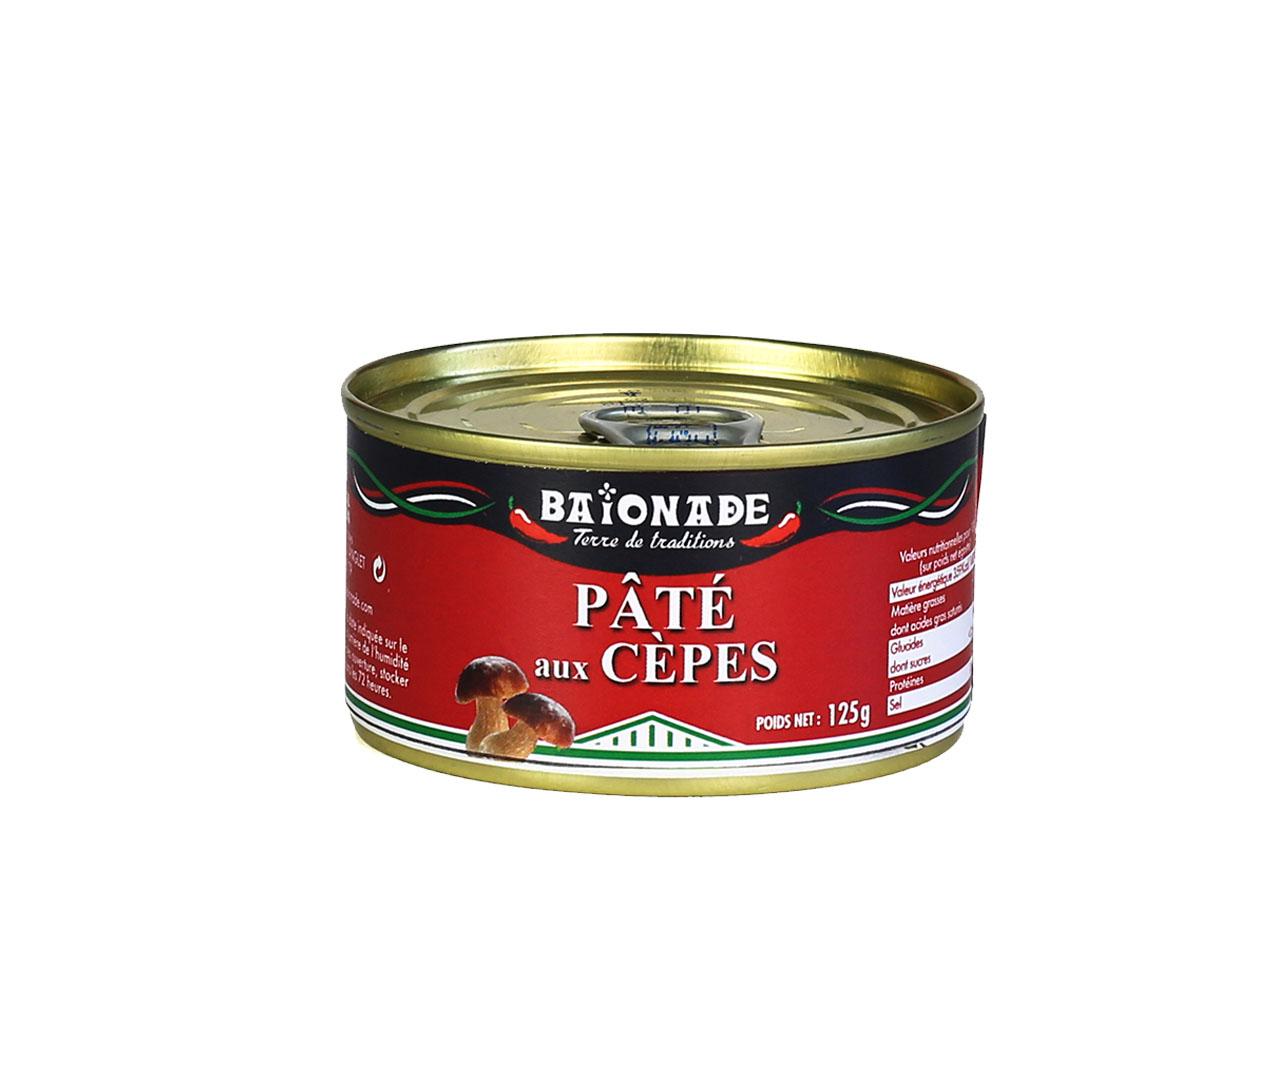 Pâté aux cèpes Baïonade